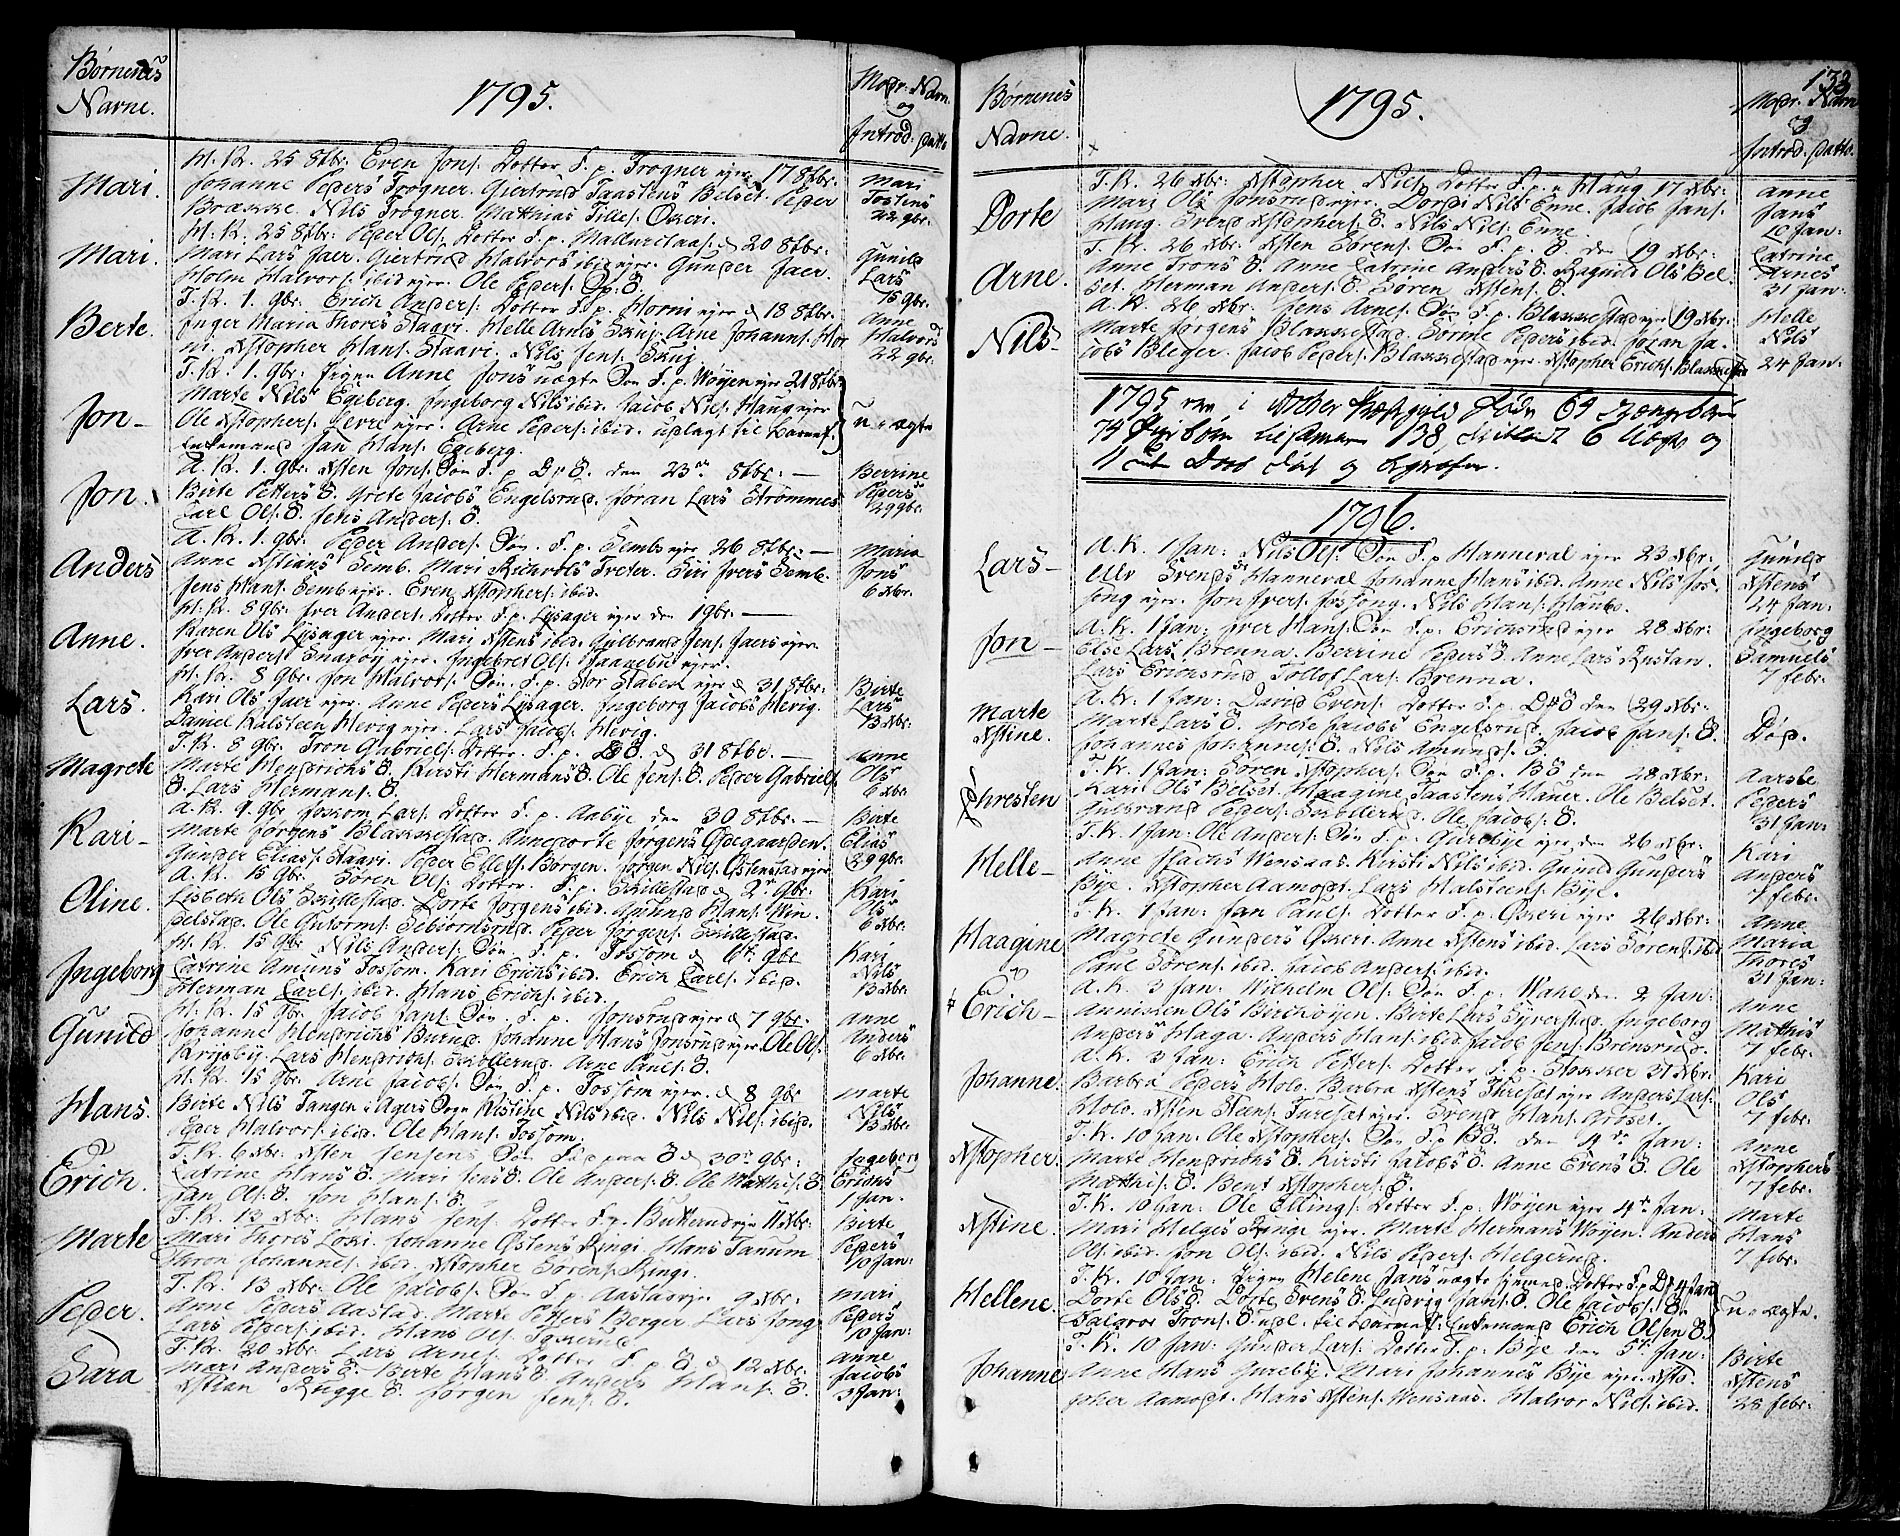 SAO, Asker prestekontor Kirkebøker, F/Fa/L0003: Ministerialbok nr. I 3, 1767-1807, s. 133